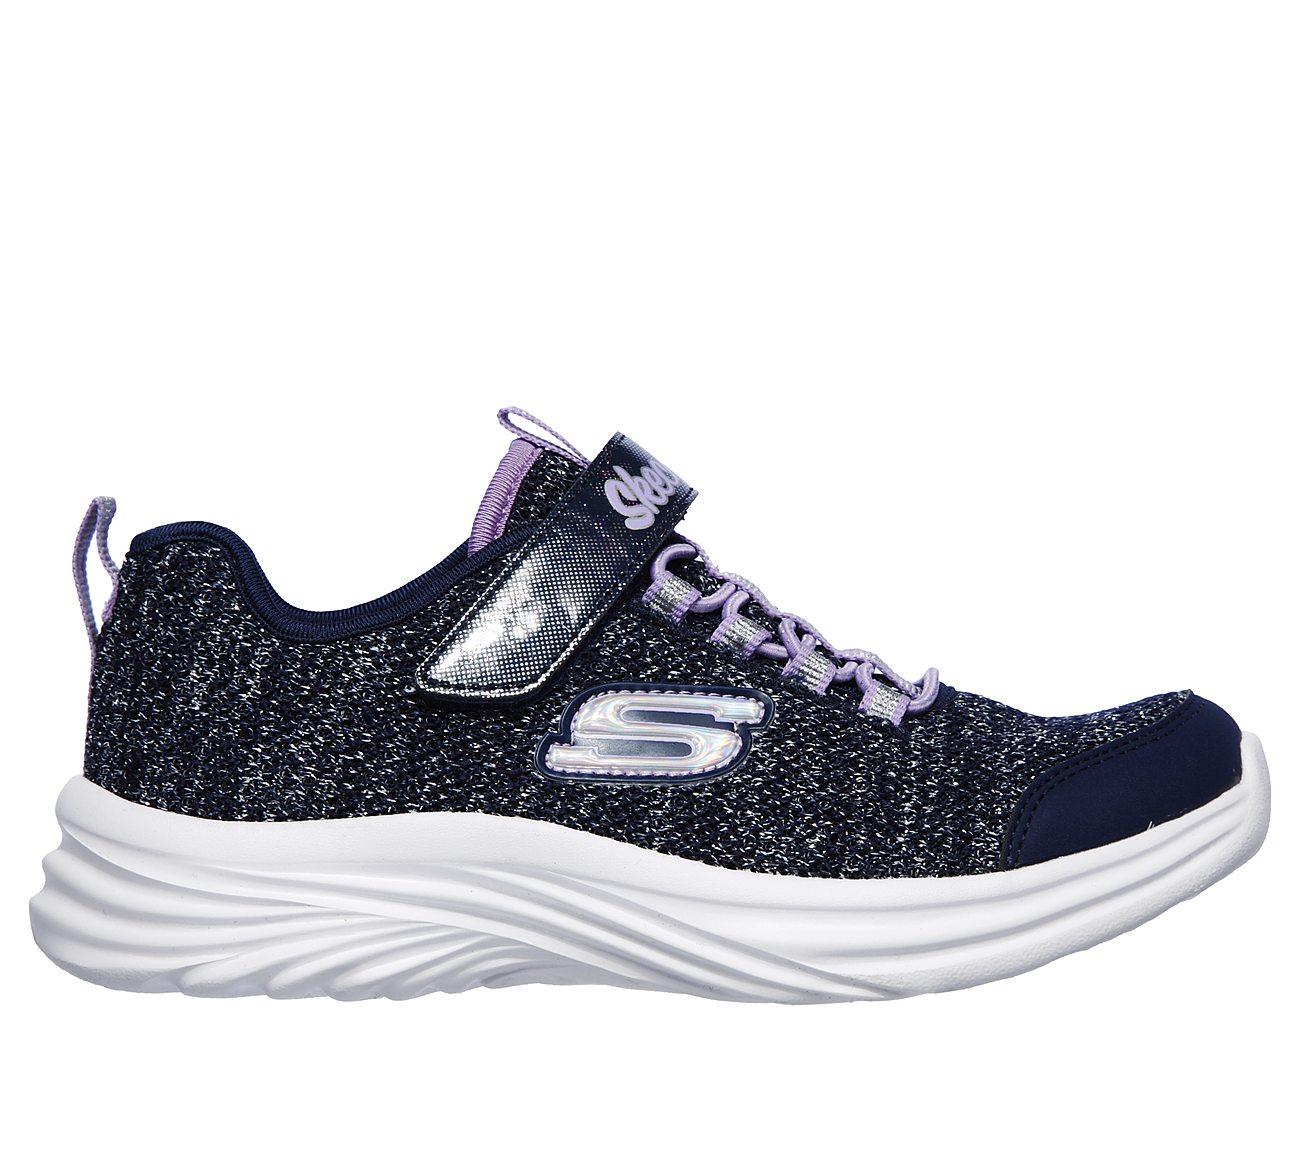 Skechers Kids' Dreamy Dancer Sneaker